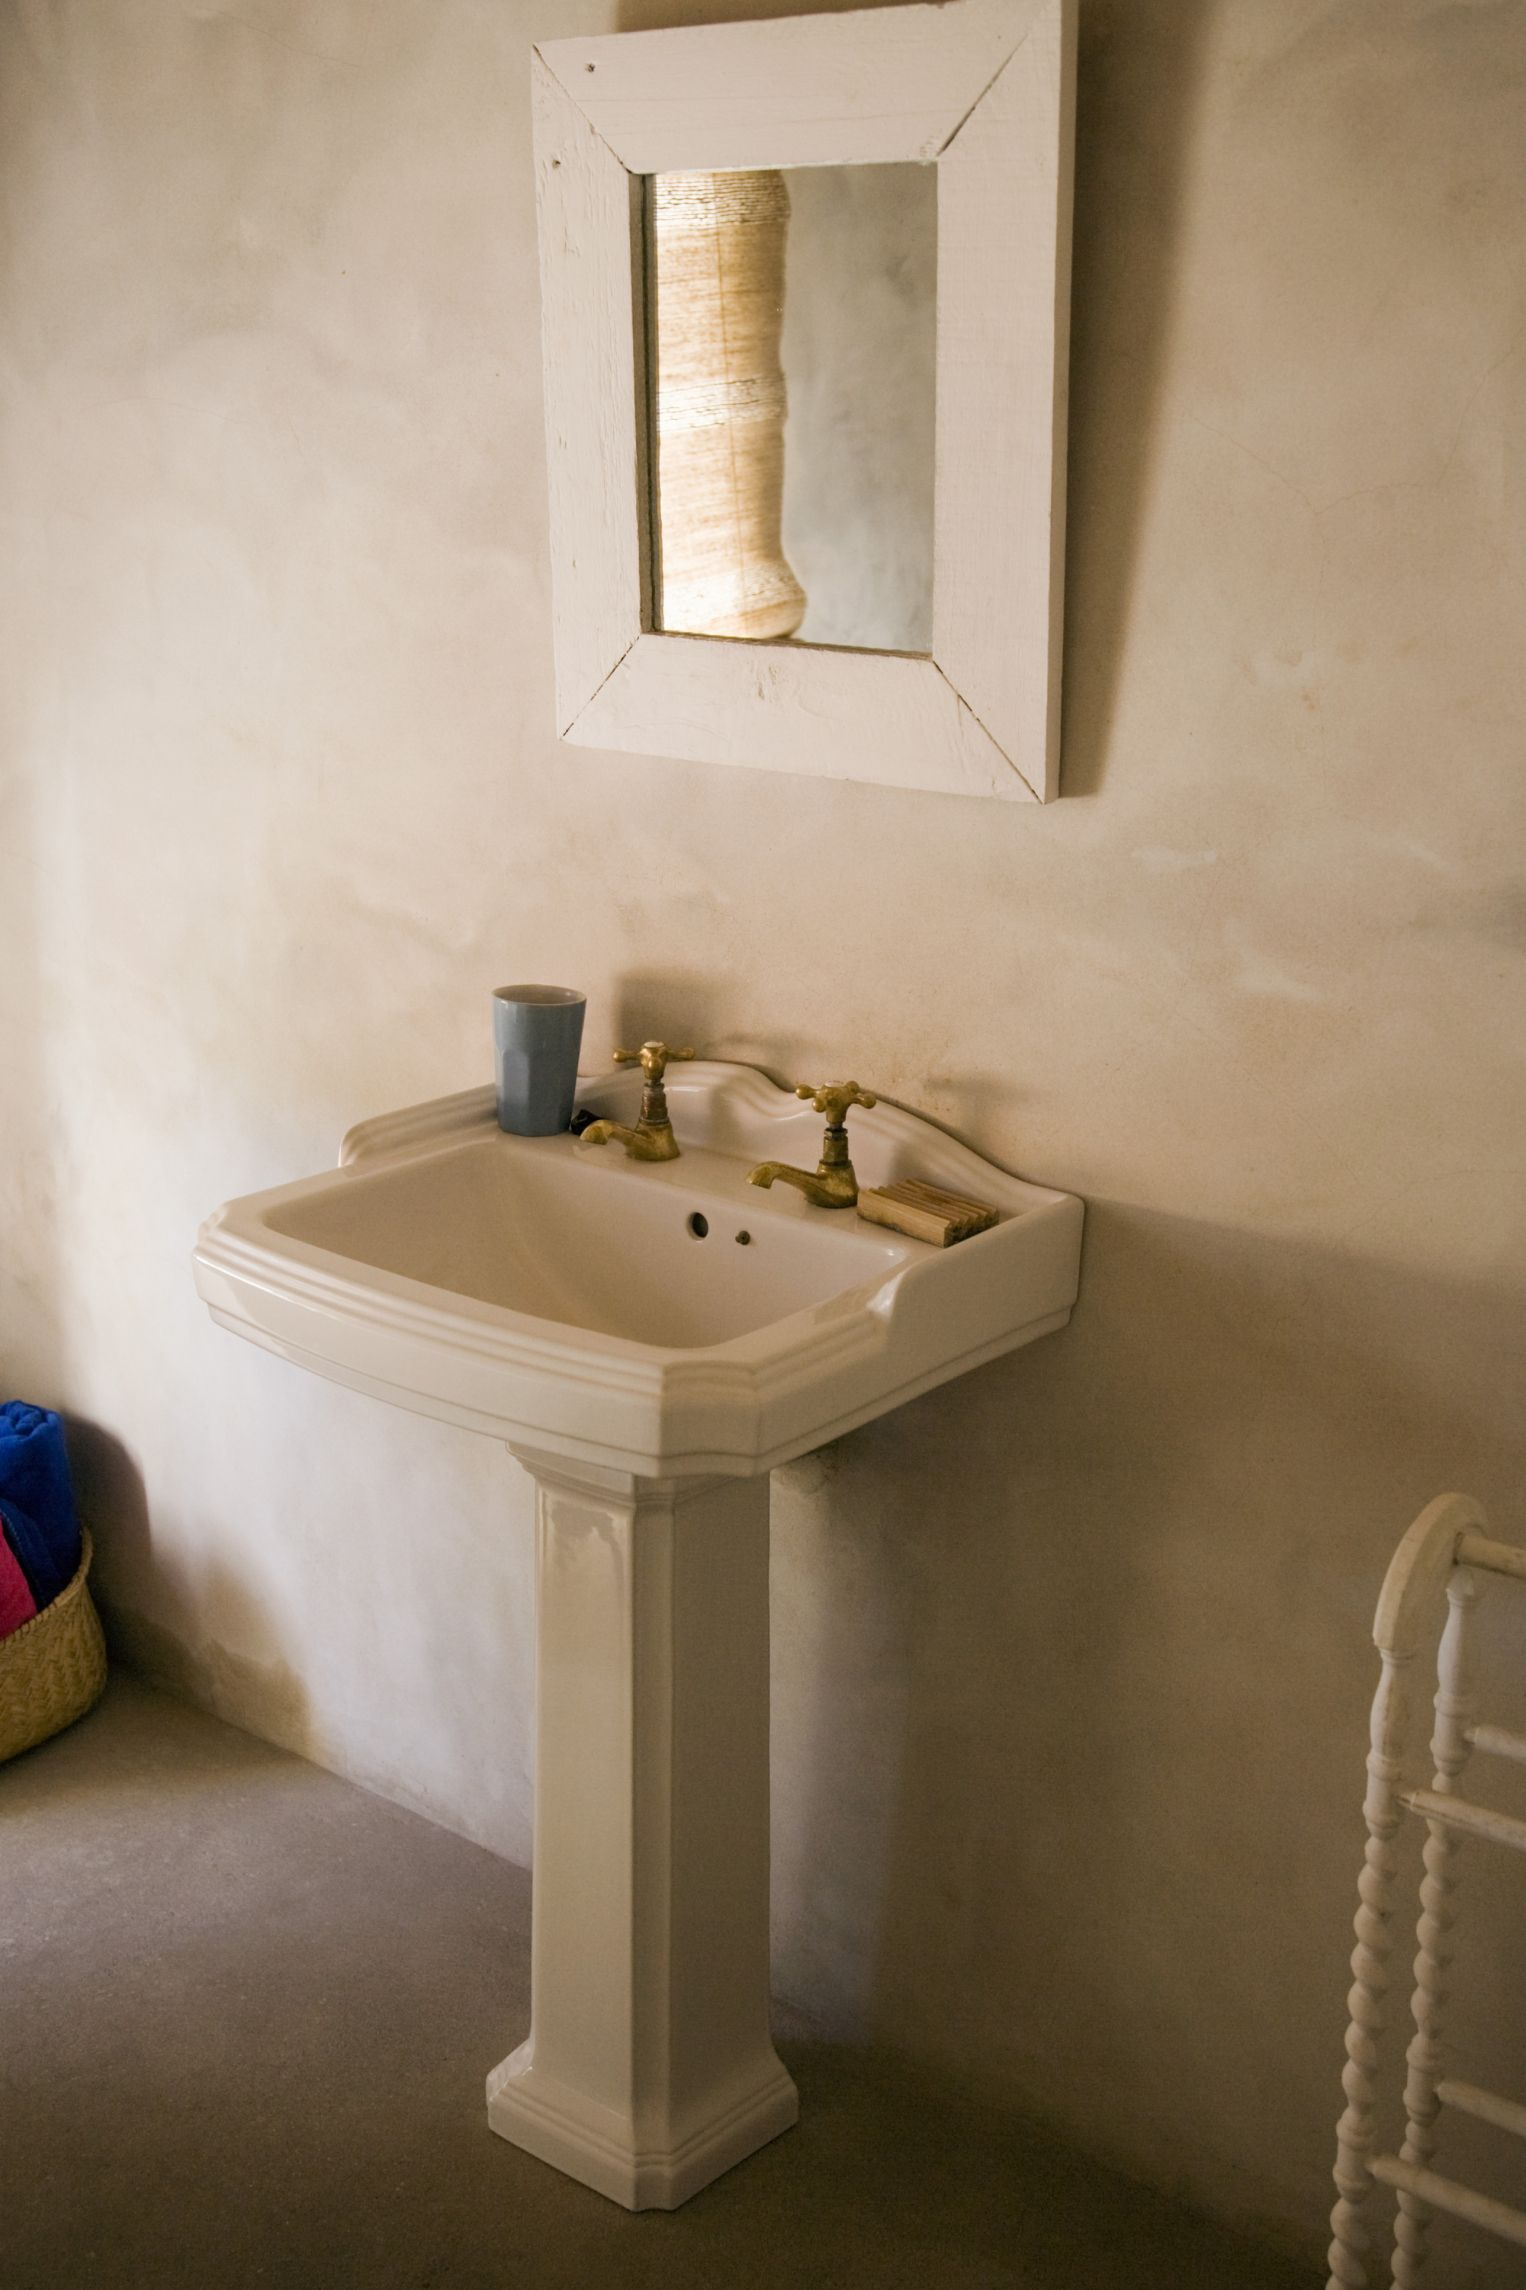 How To Build A Vanity Around A Pedestal Sink Pedestal Sink